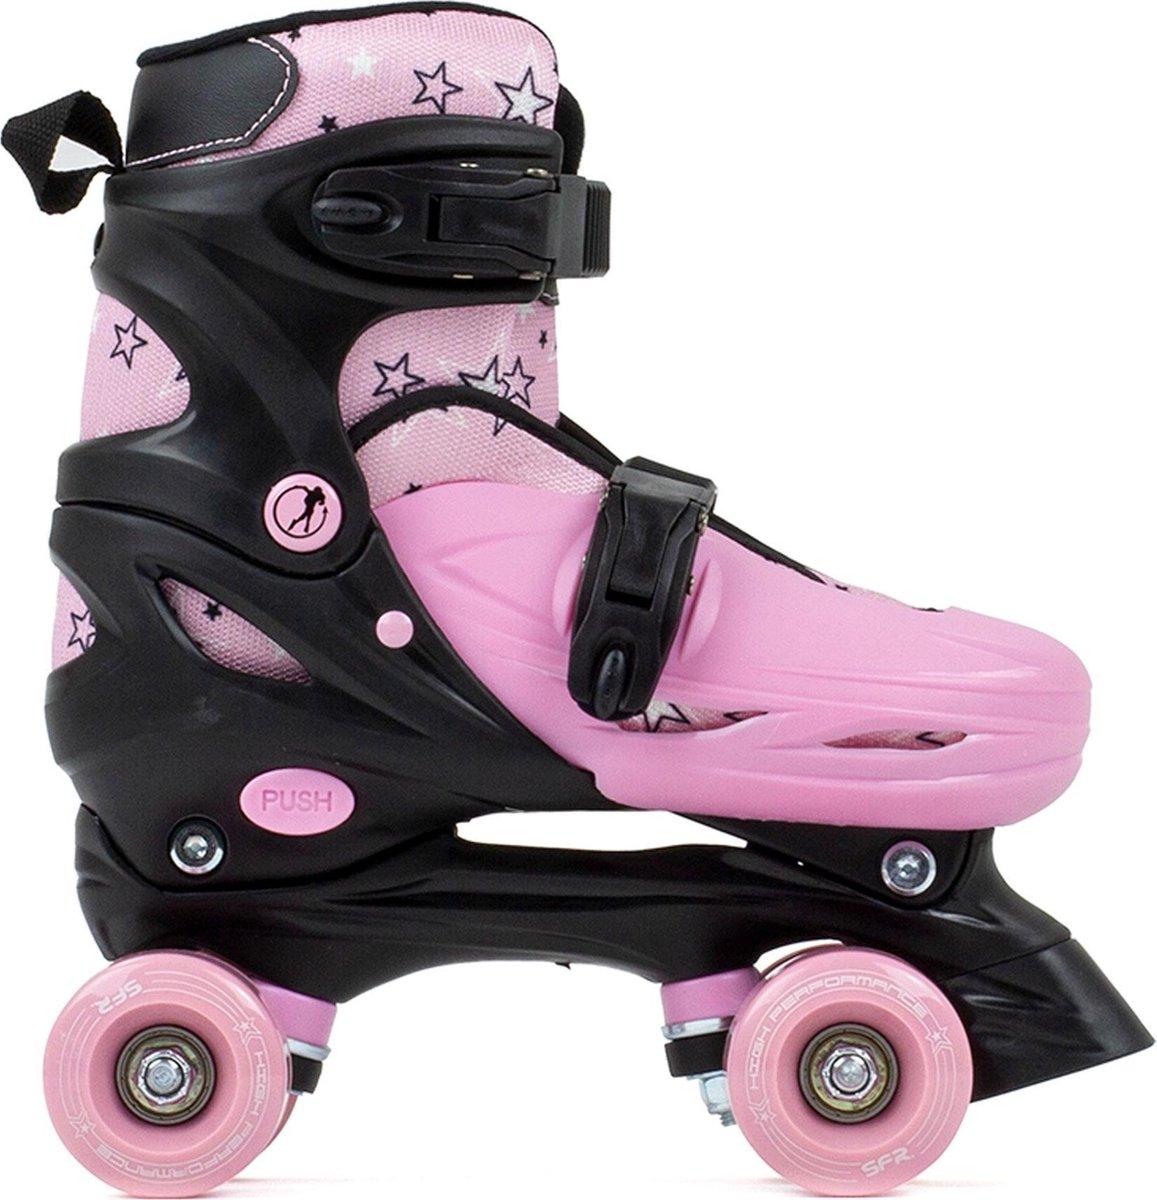 SFR Rolschaatsen - Maat 29-33Volwassenen - roze/zwart